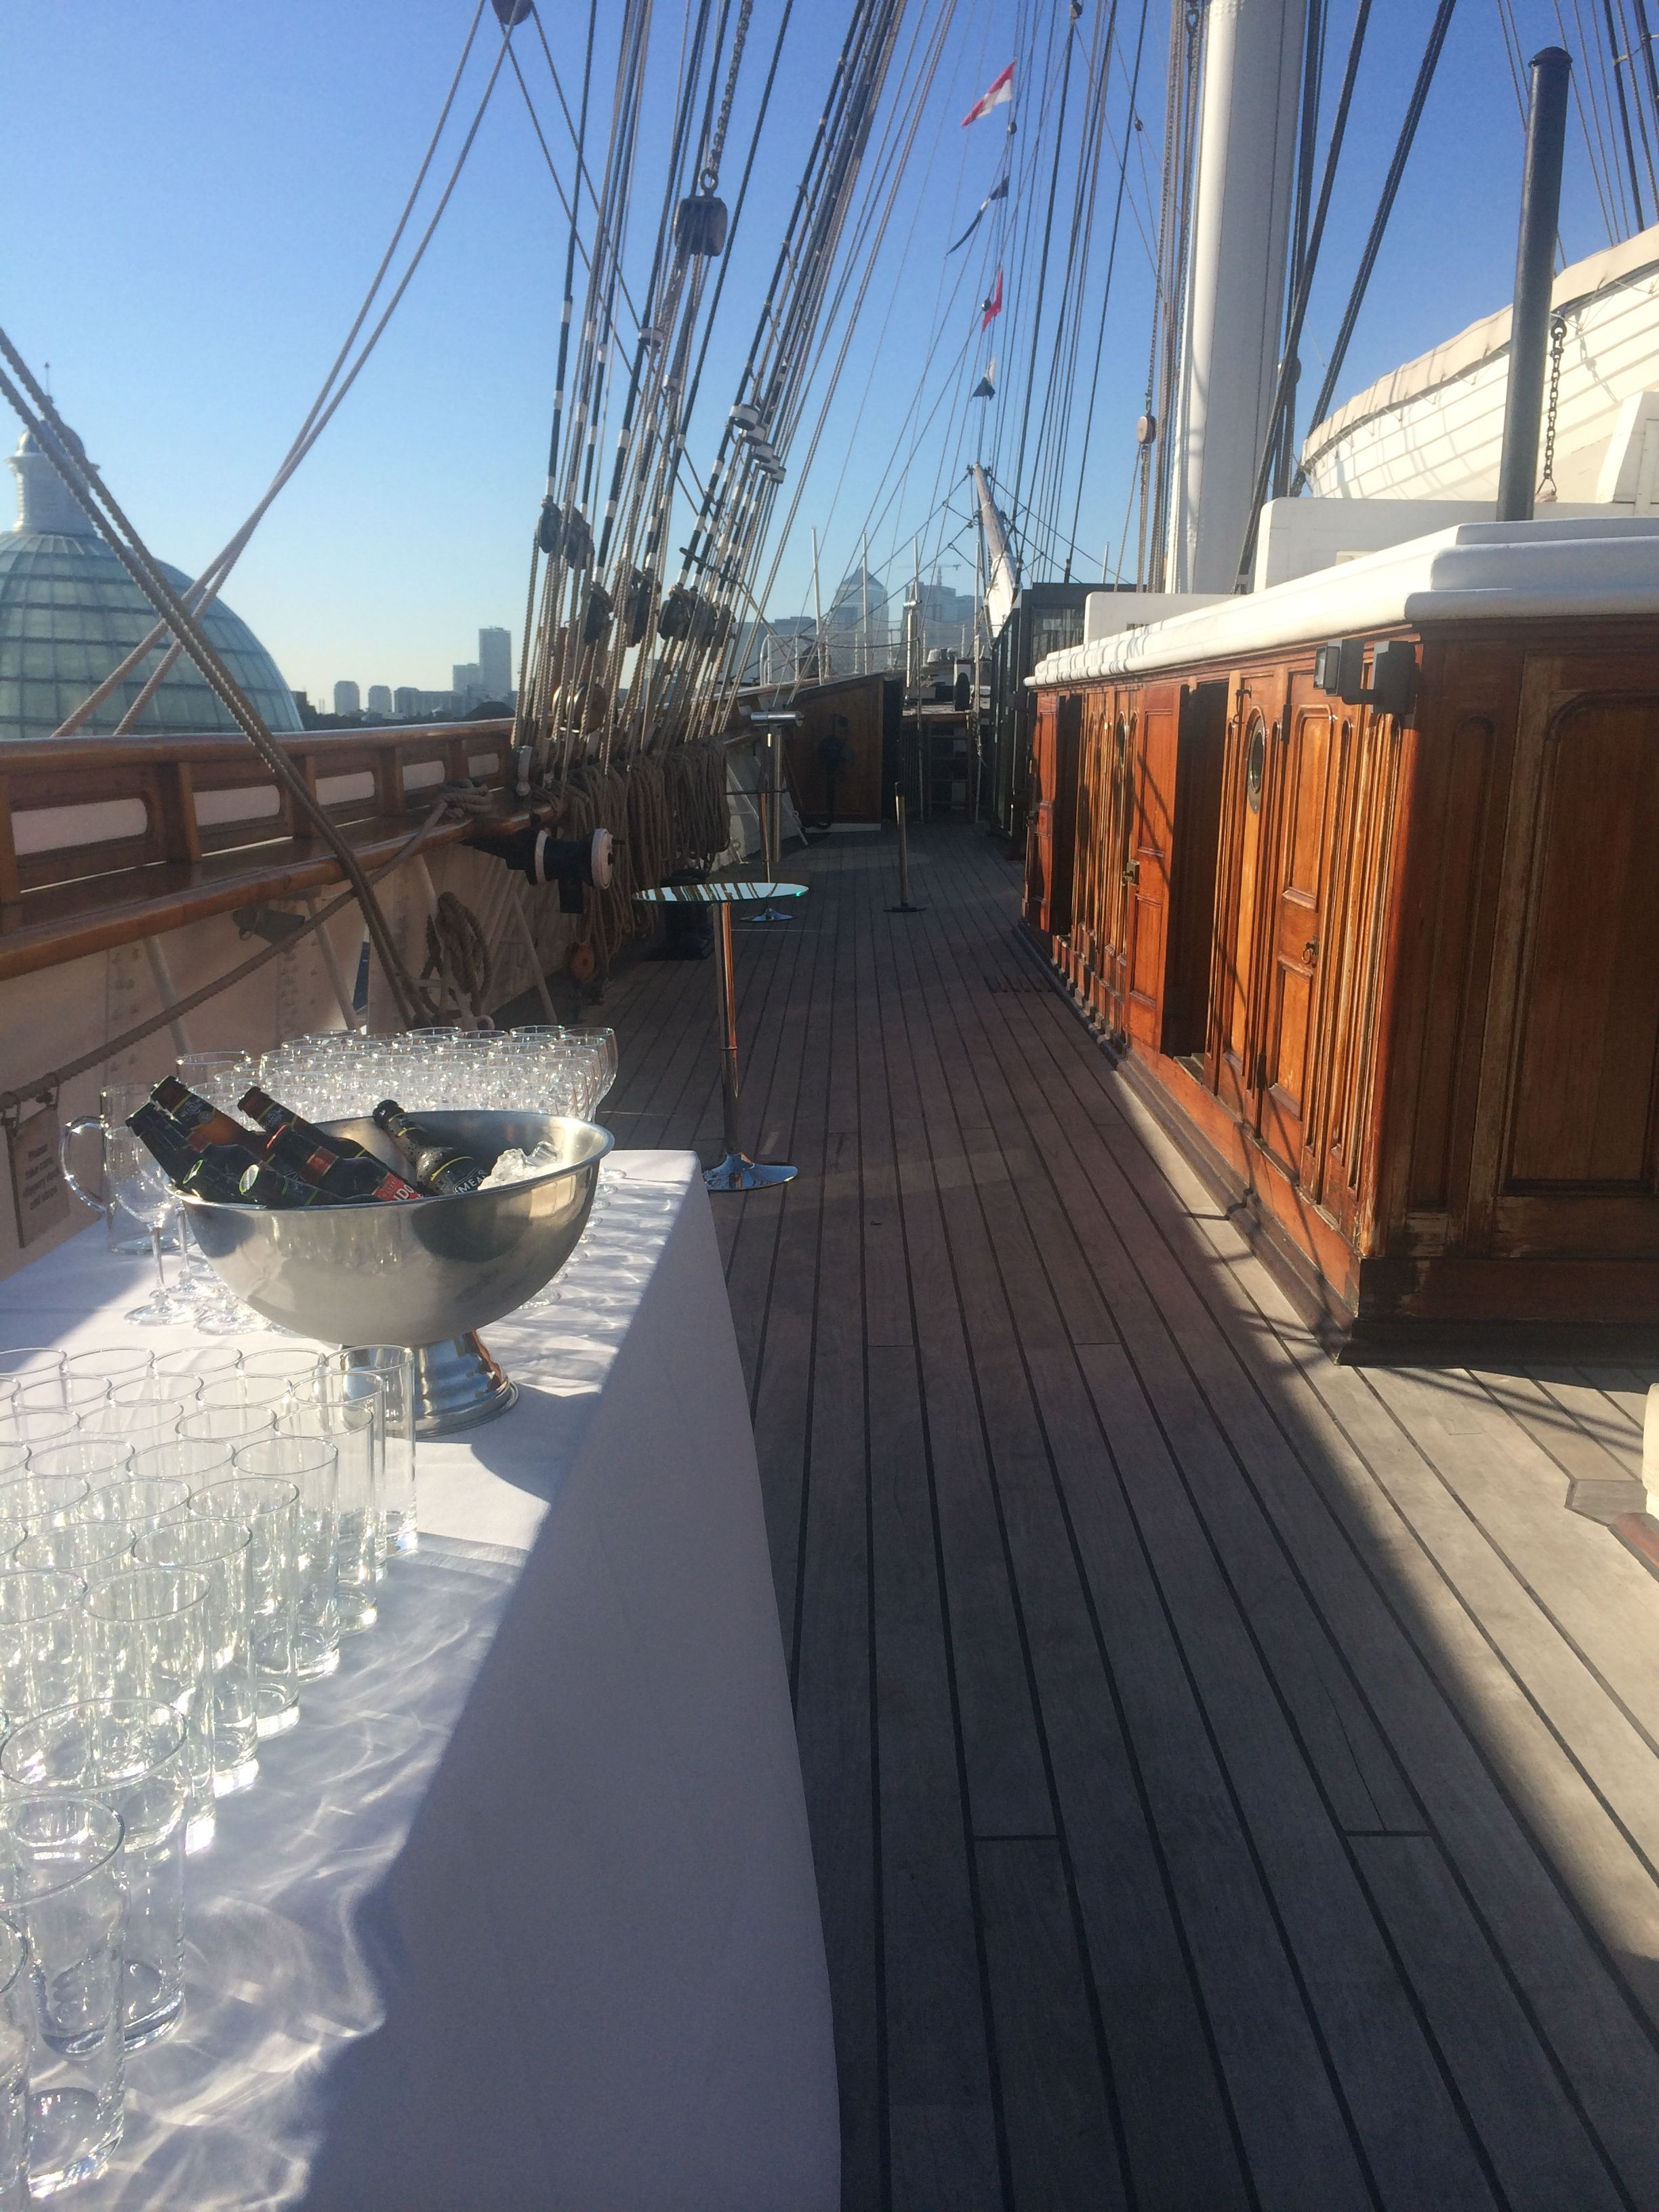 Cutty Sark Weather Deck Bar Deck Bar Boat Interior Deck